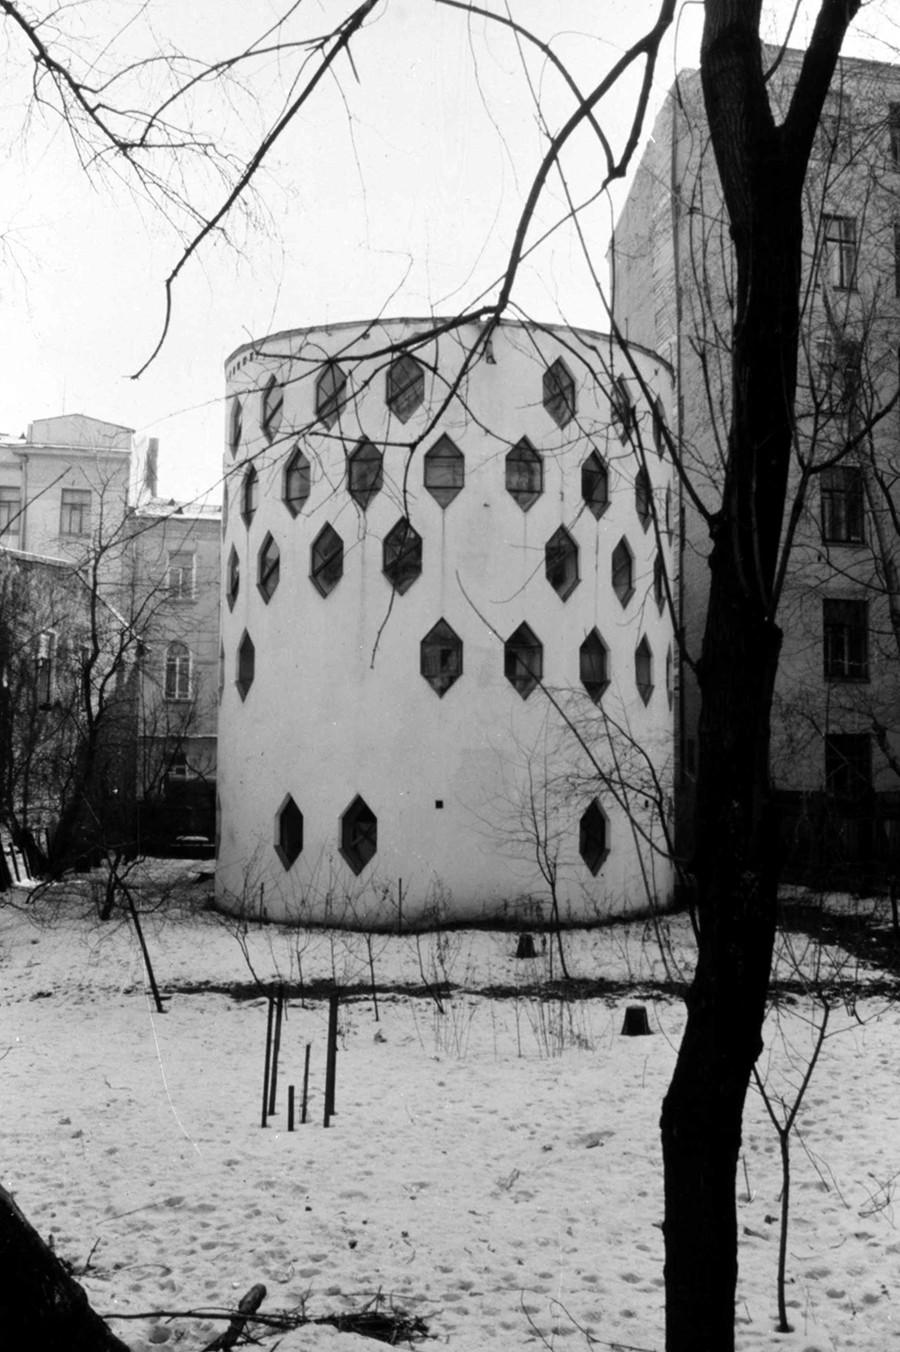 莫斯科梅尔尼科夫故居(1927)。图片:1984年图片来源:William Brumfield